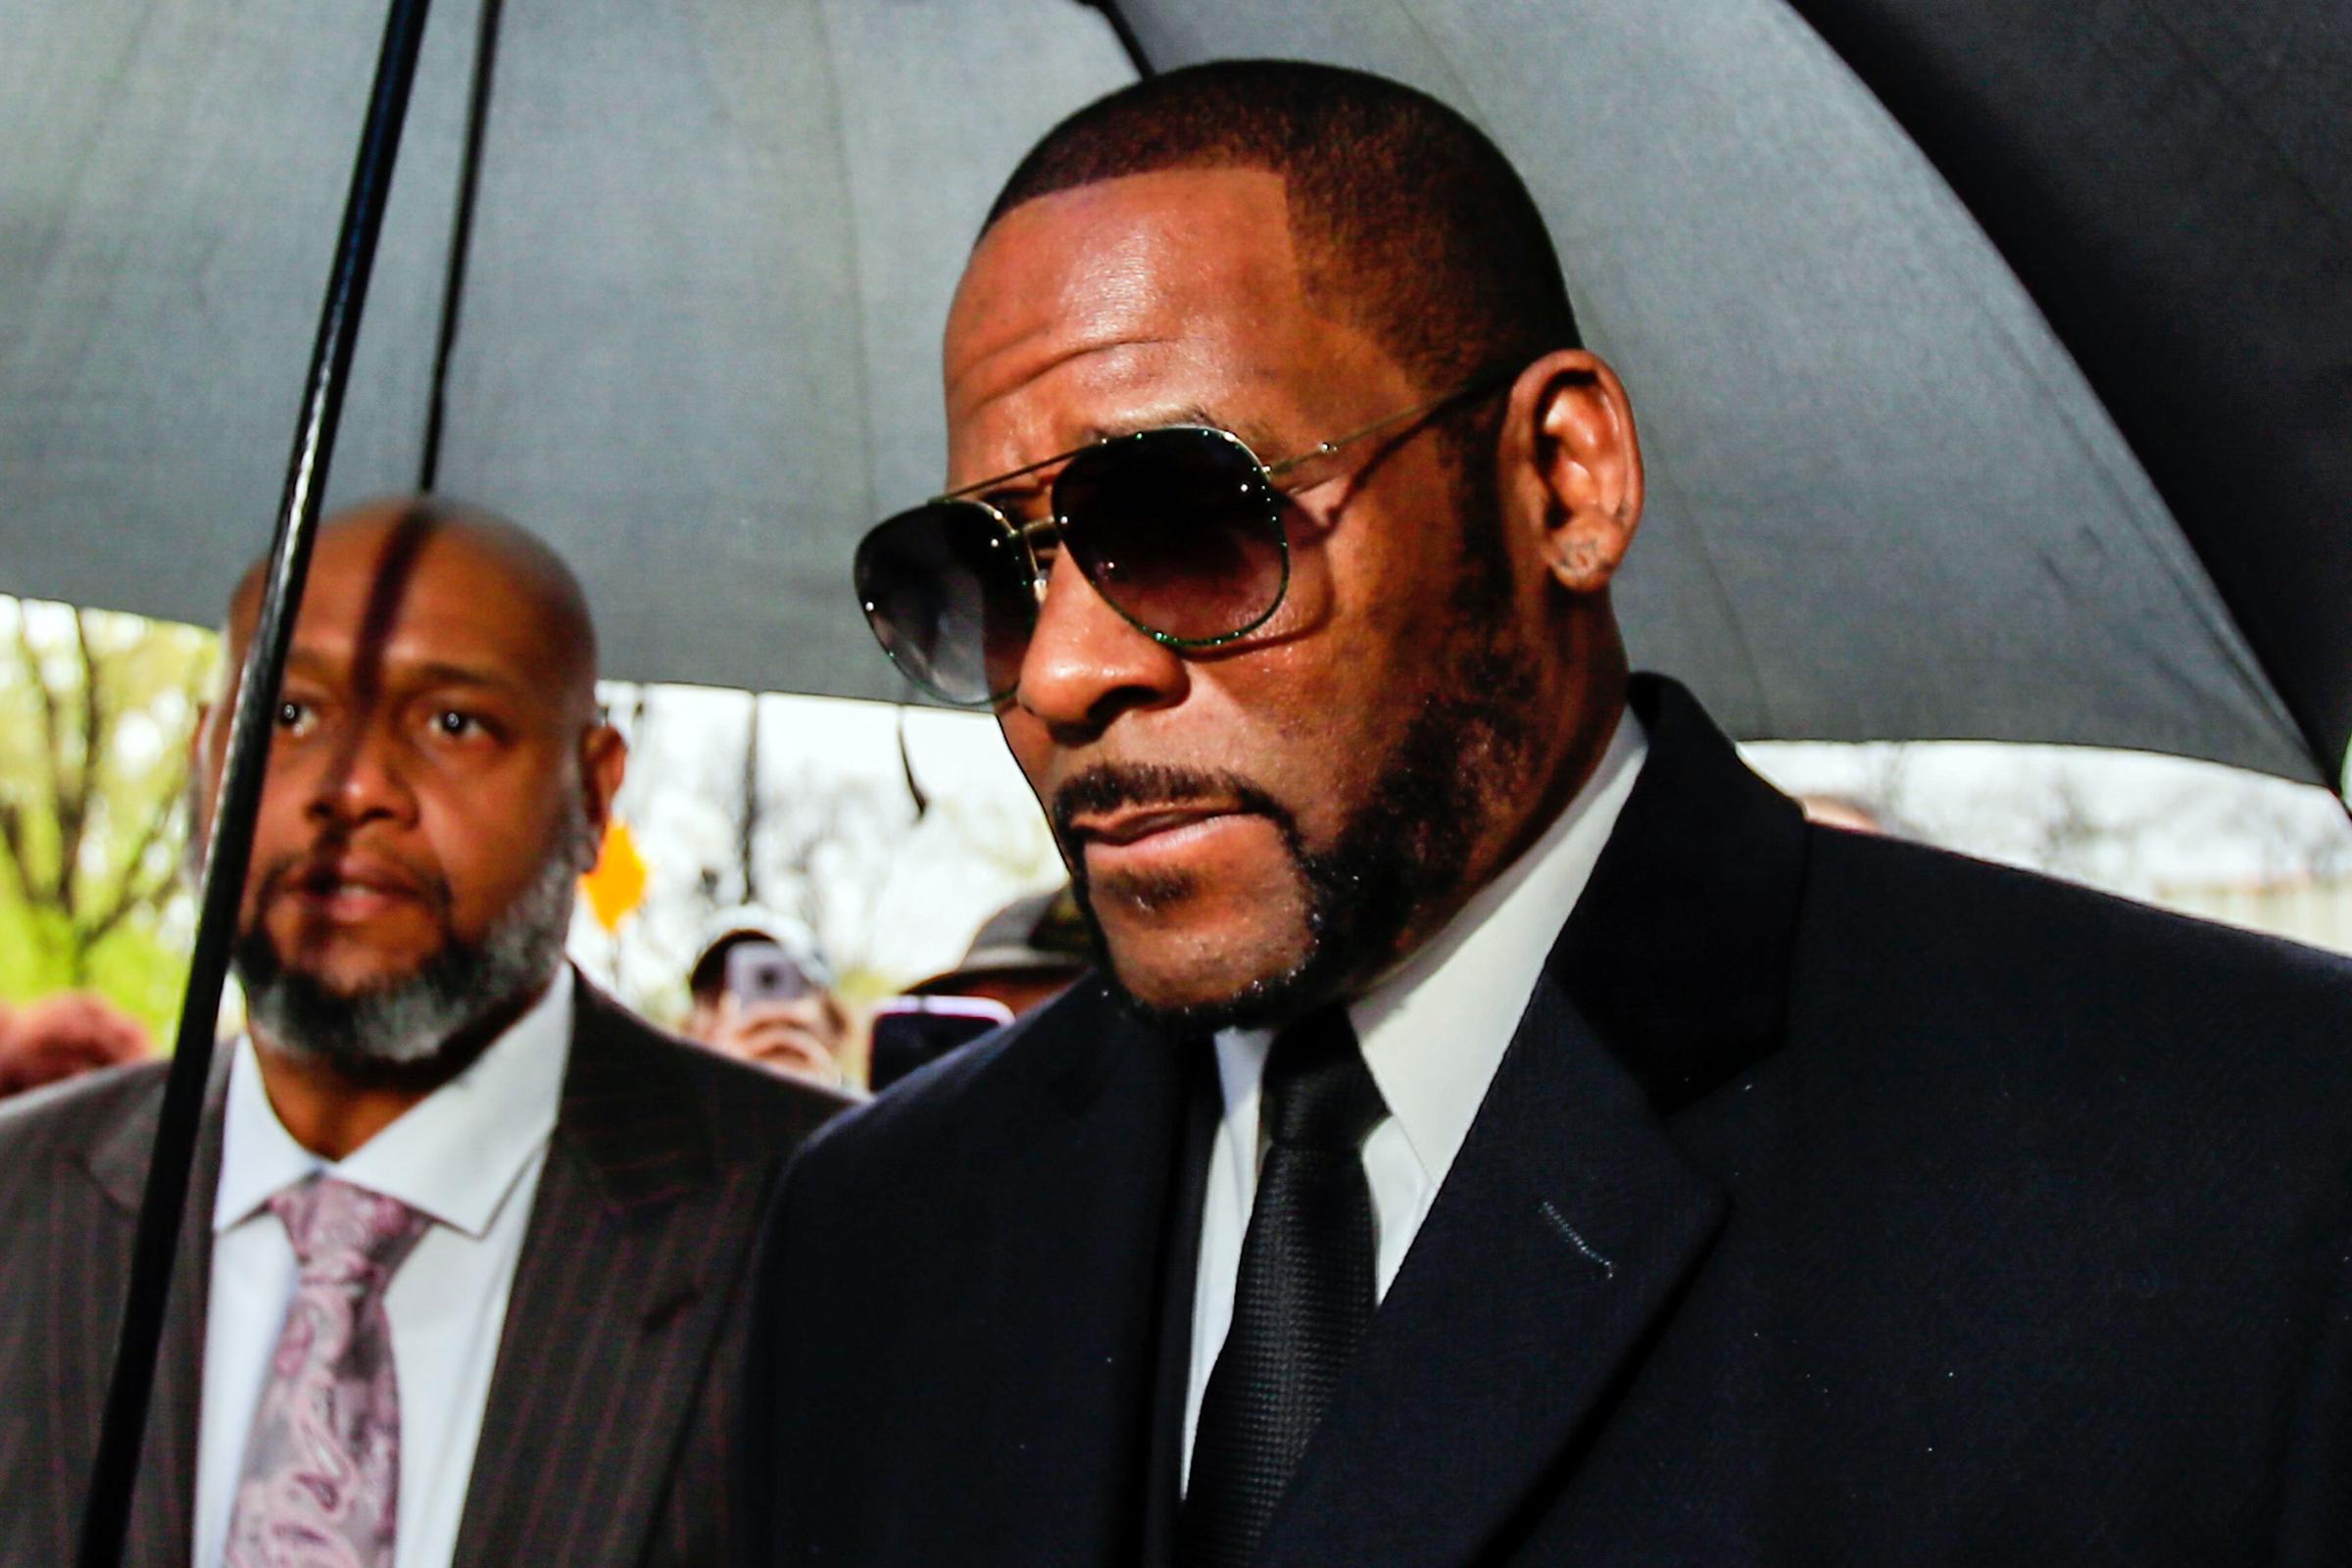 R. Kelly enfrenta mais 11 acusações de crimes sexuais